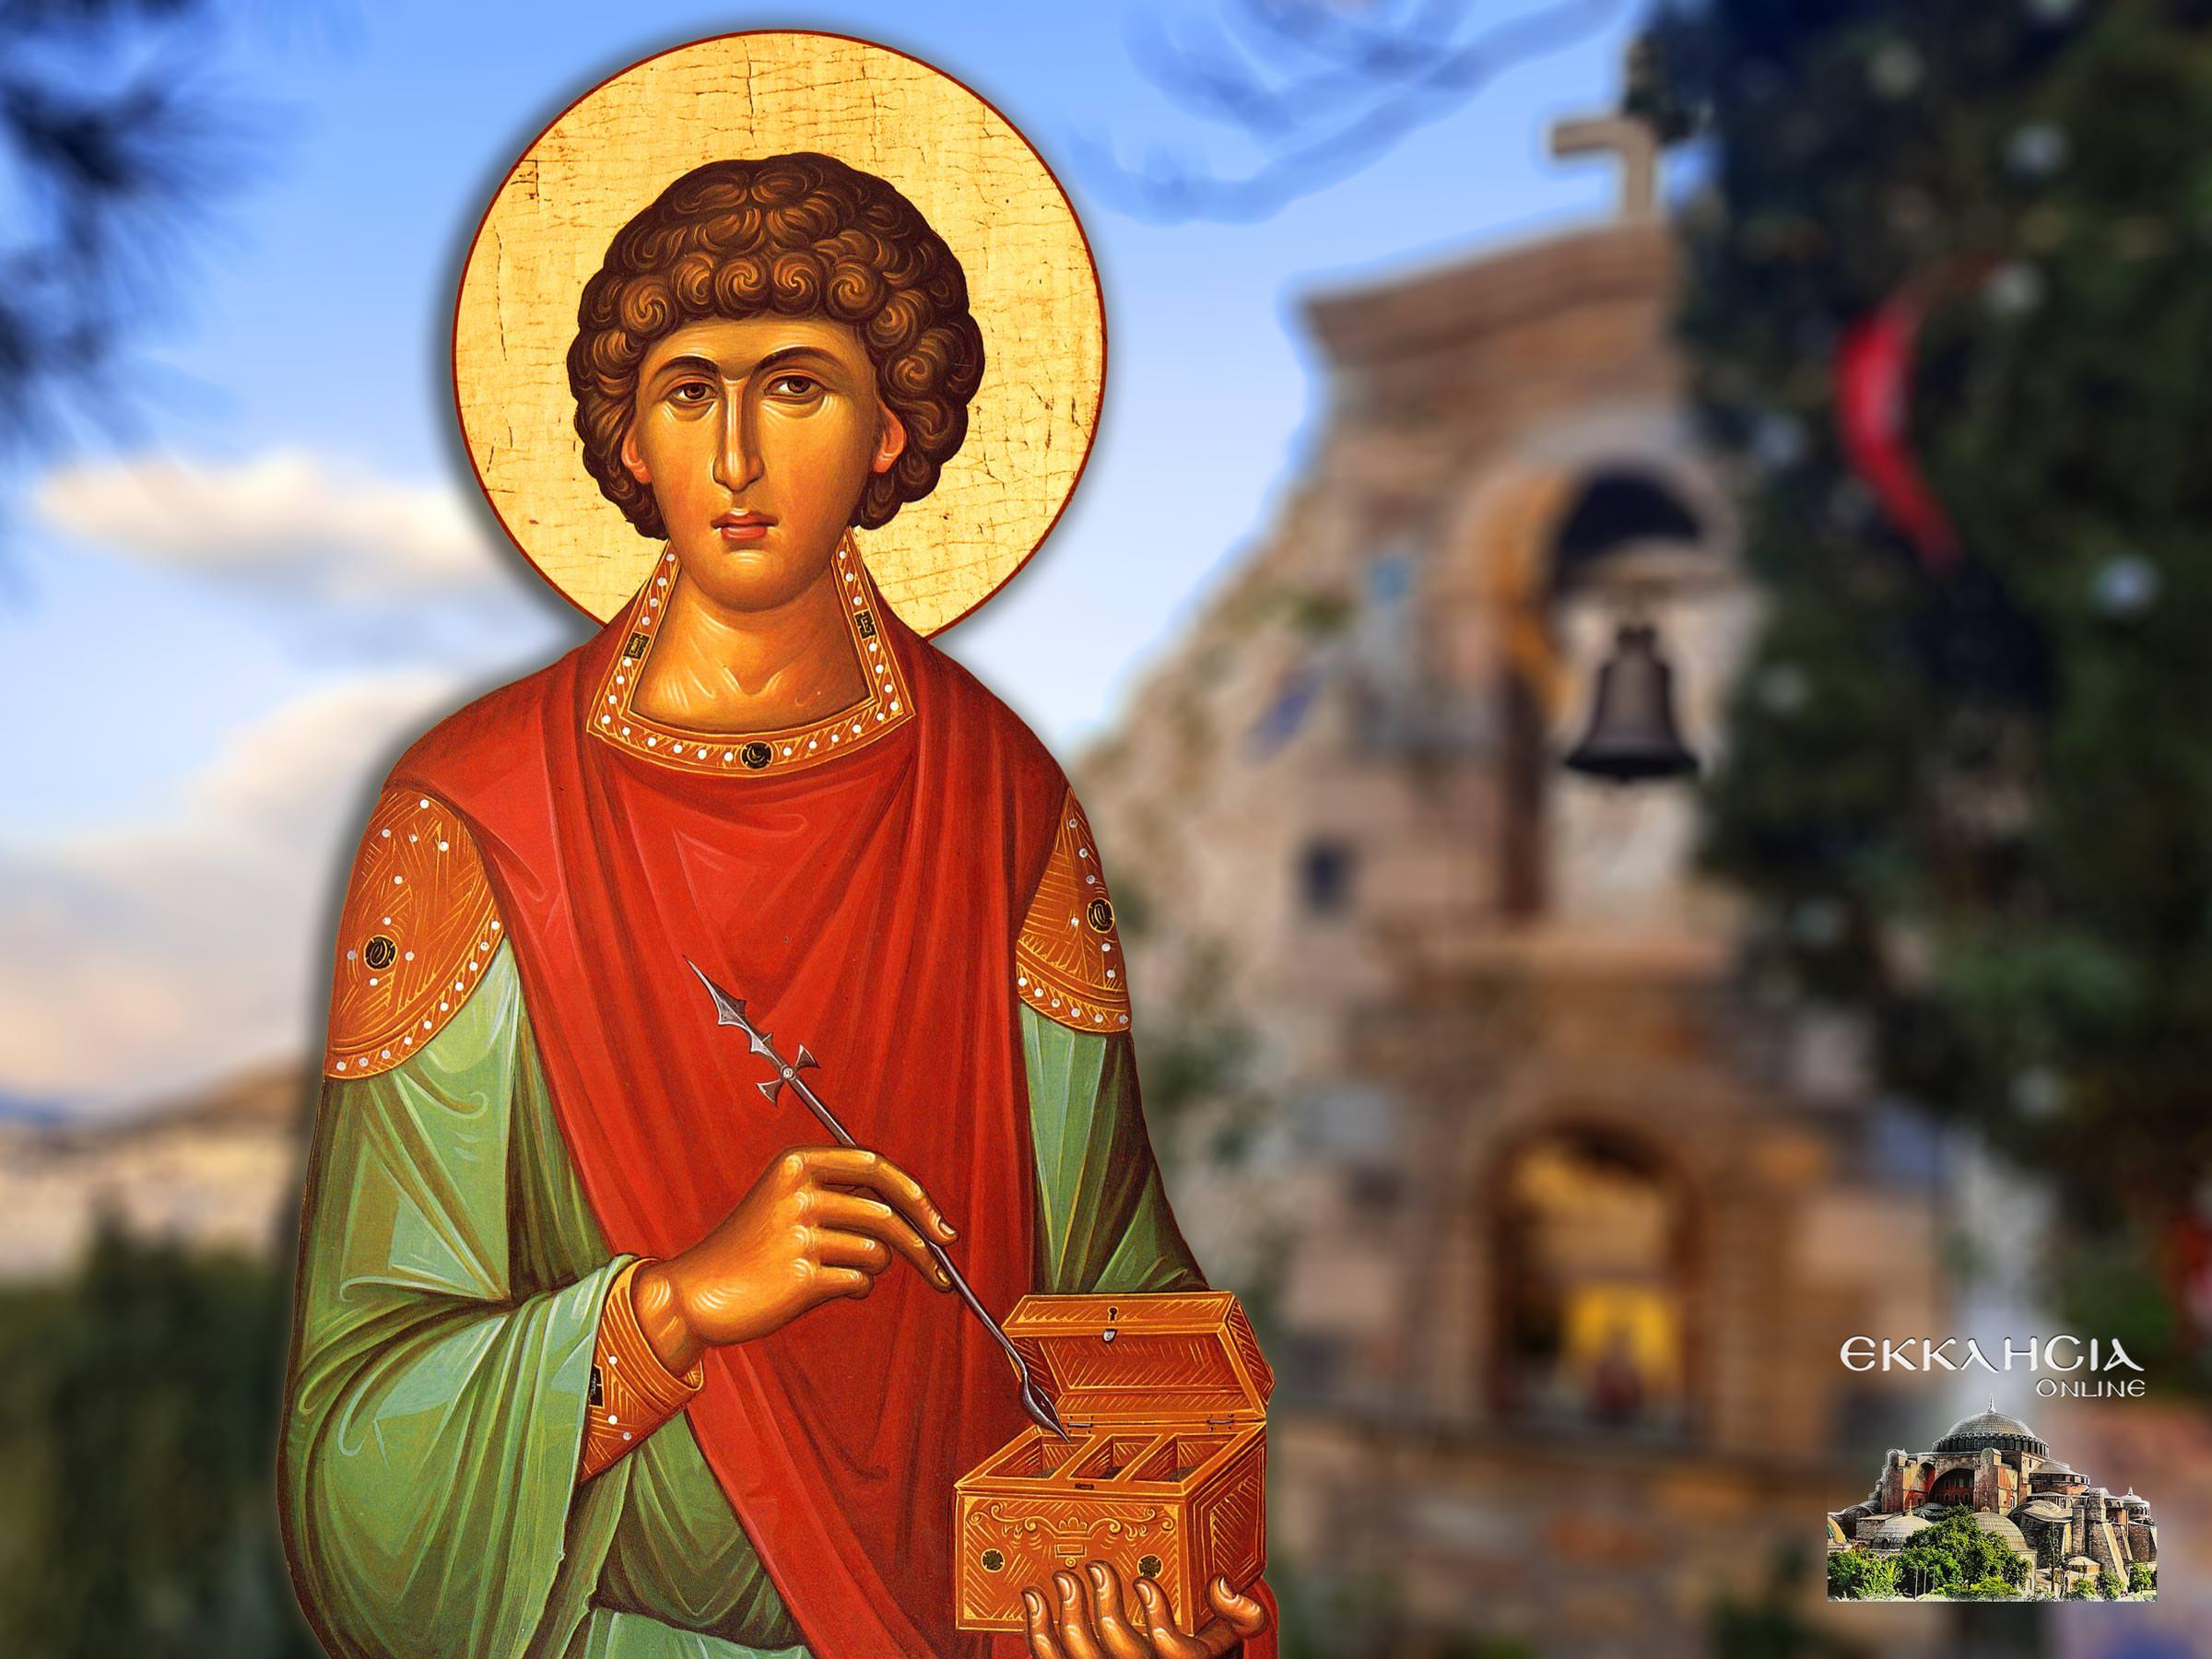 Άγιος Παντελεήμων 27 Ιουλίου